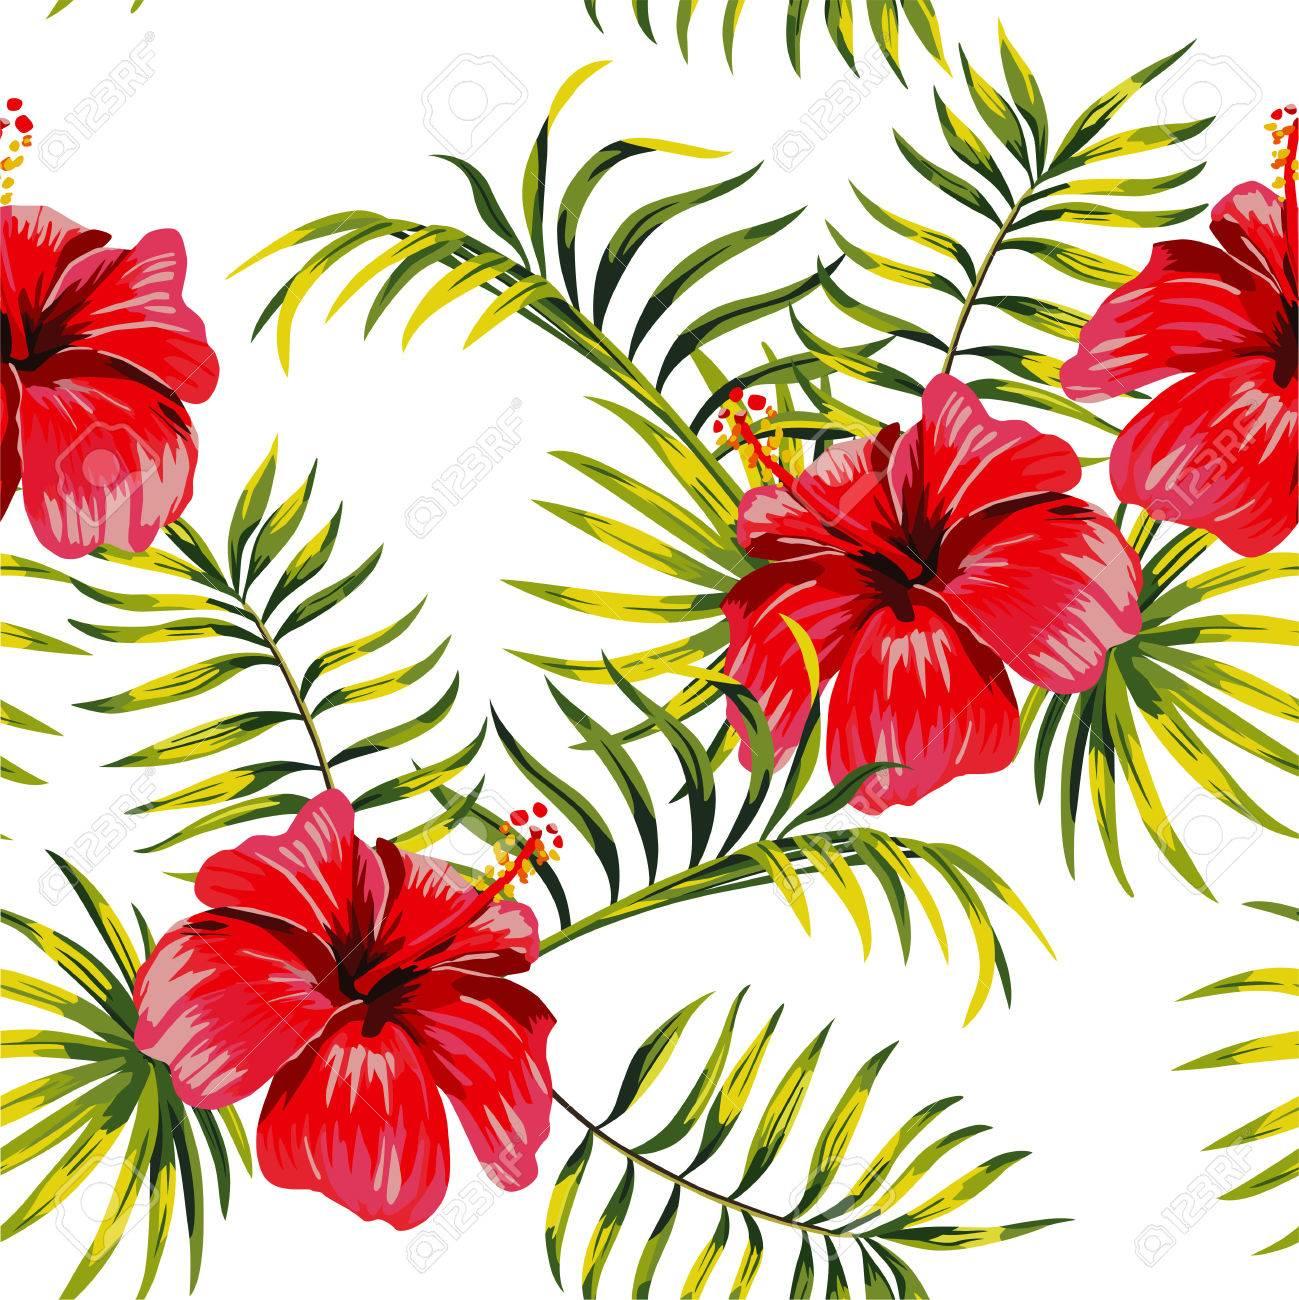 Mode Peinture Floral Impression Seamless Exotique Modèle